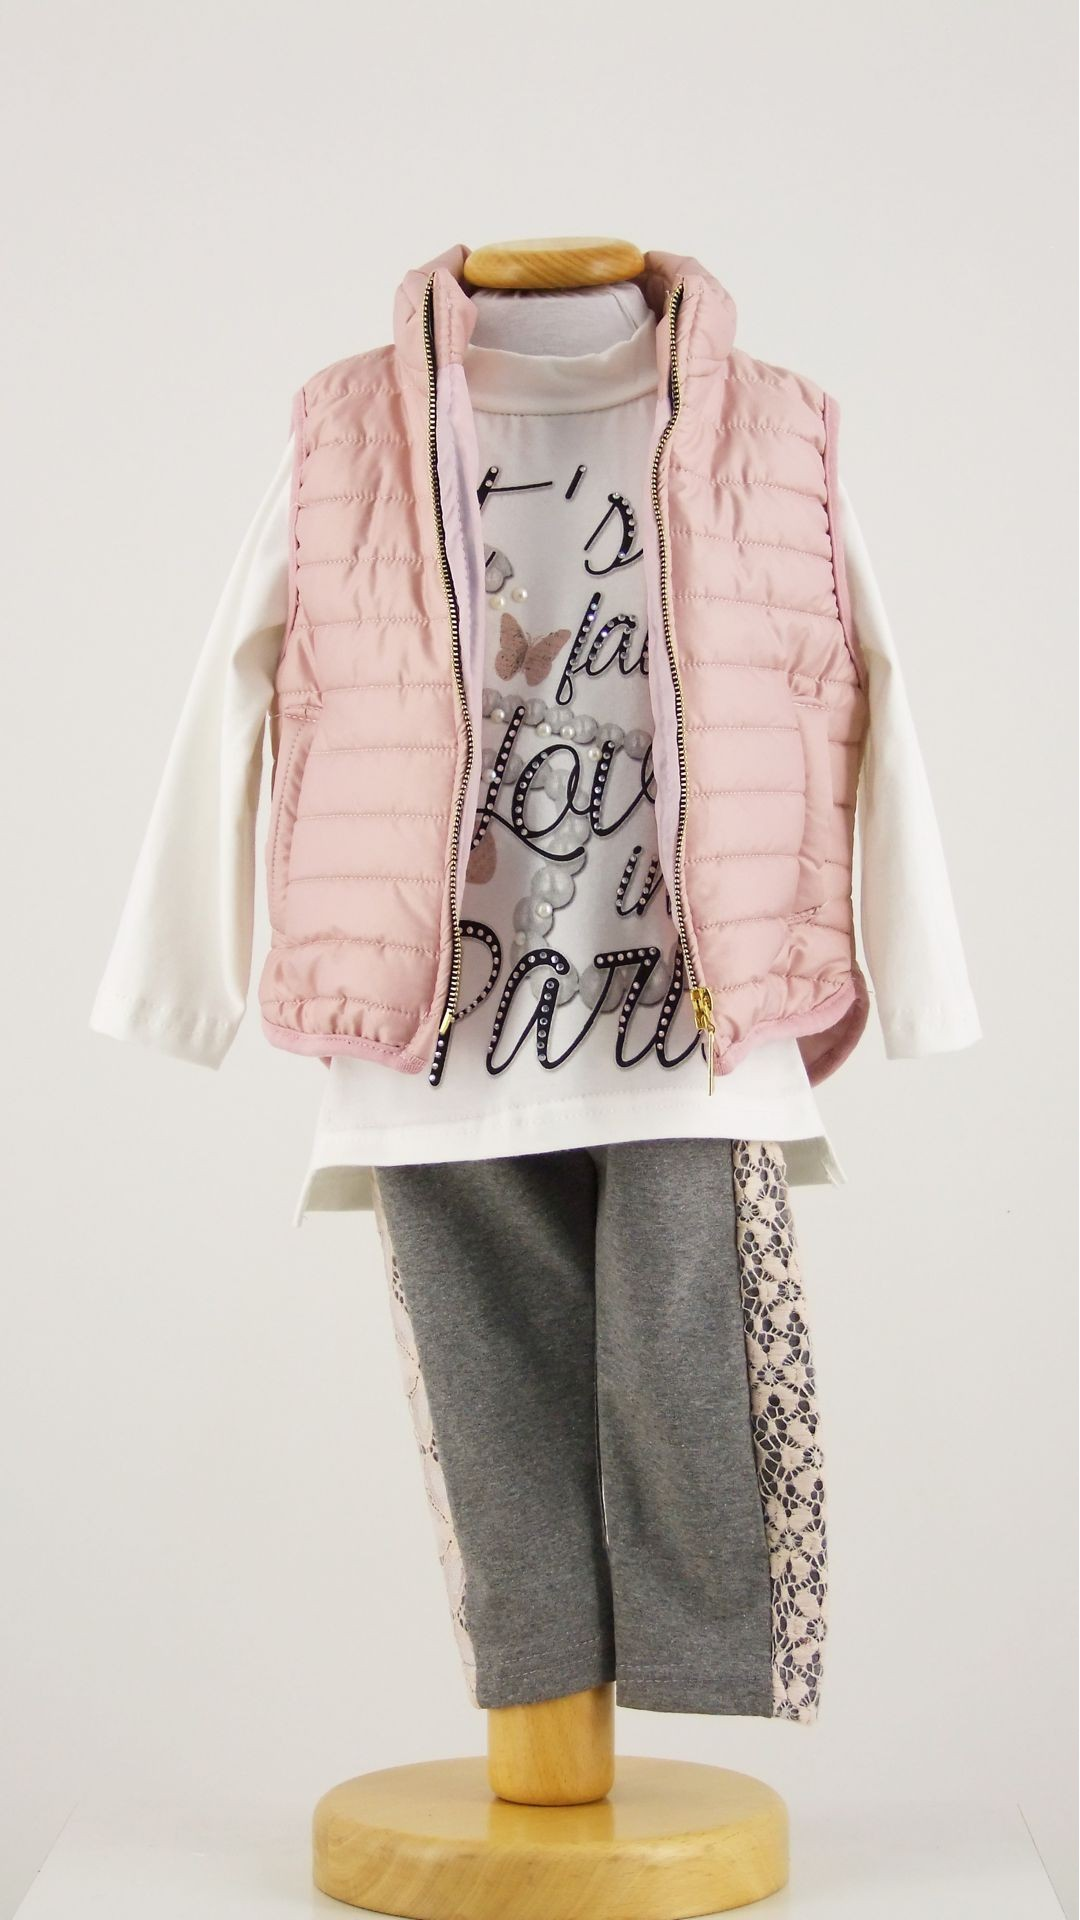 Abbigliamento per neonata da 0 a 24 mesi firmato Il Gufo: scopri tutte le collezioni e i deliziosi capi di abbigliamento per neonate online e nelle migliori boutique.